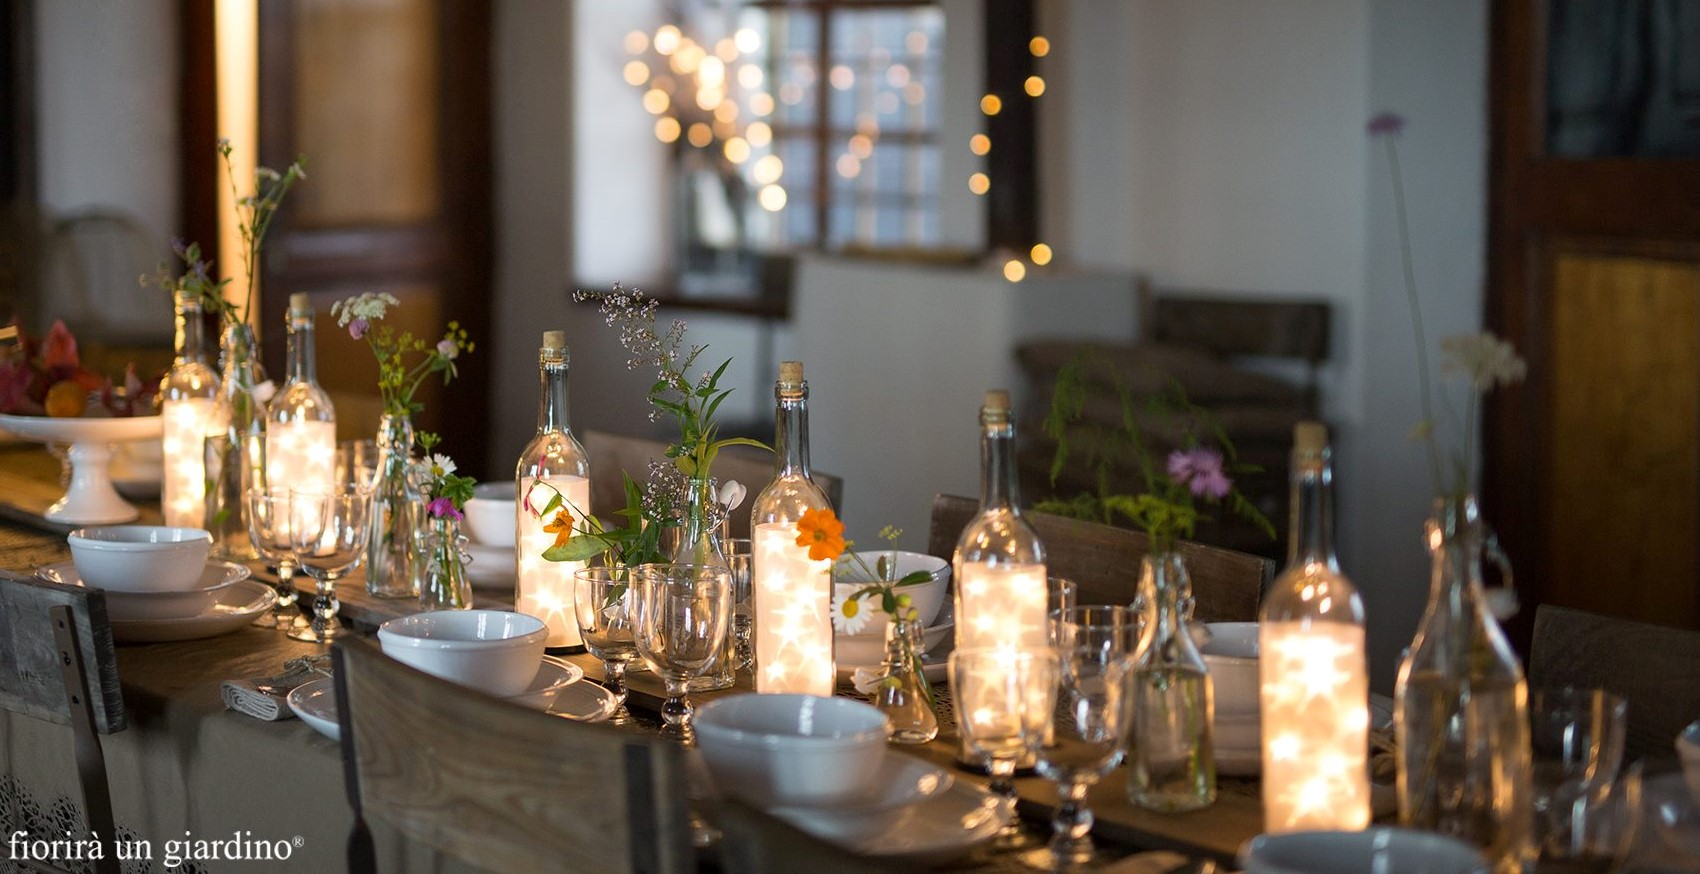 La tavola delle feste di fiorir un giardino shabby chic - Addobbi natalizi da giardino ...